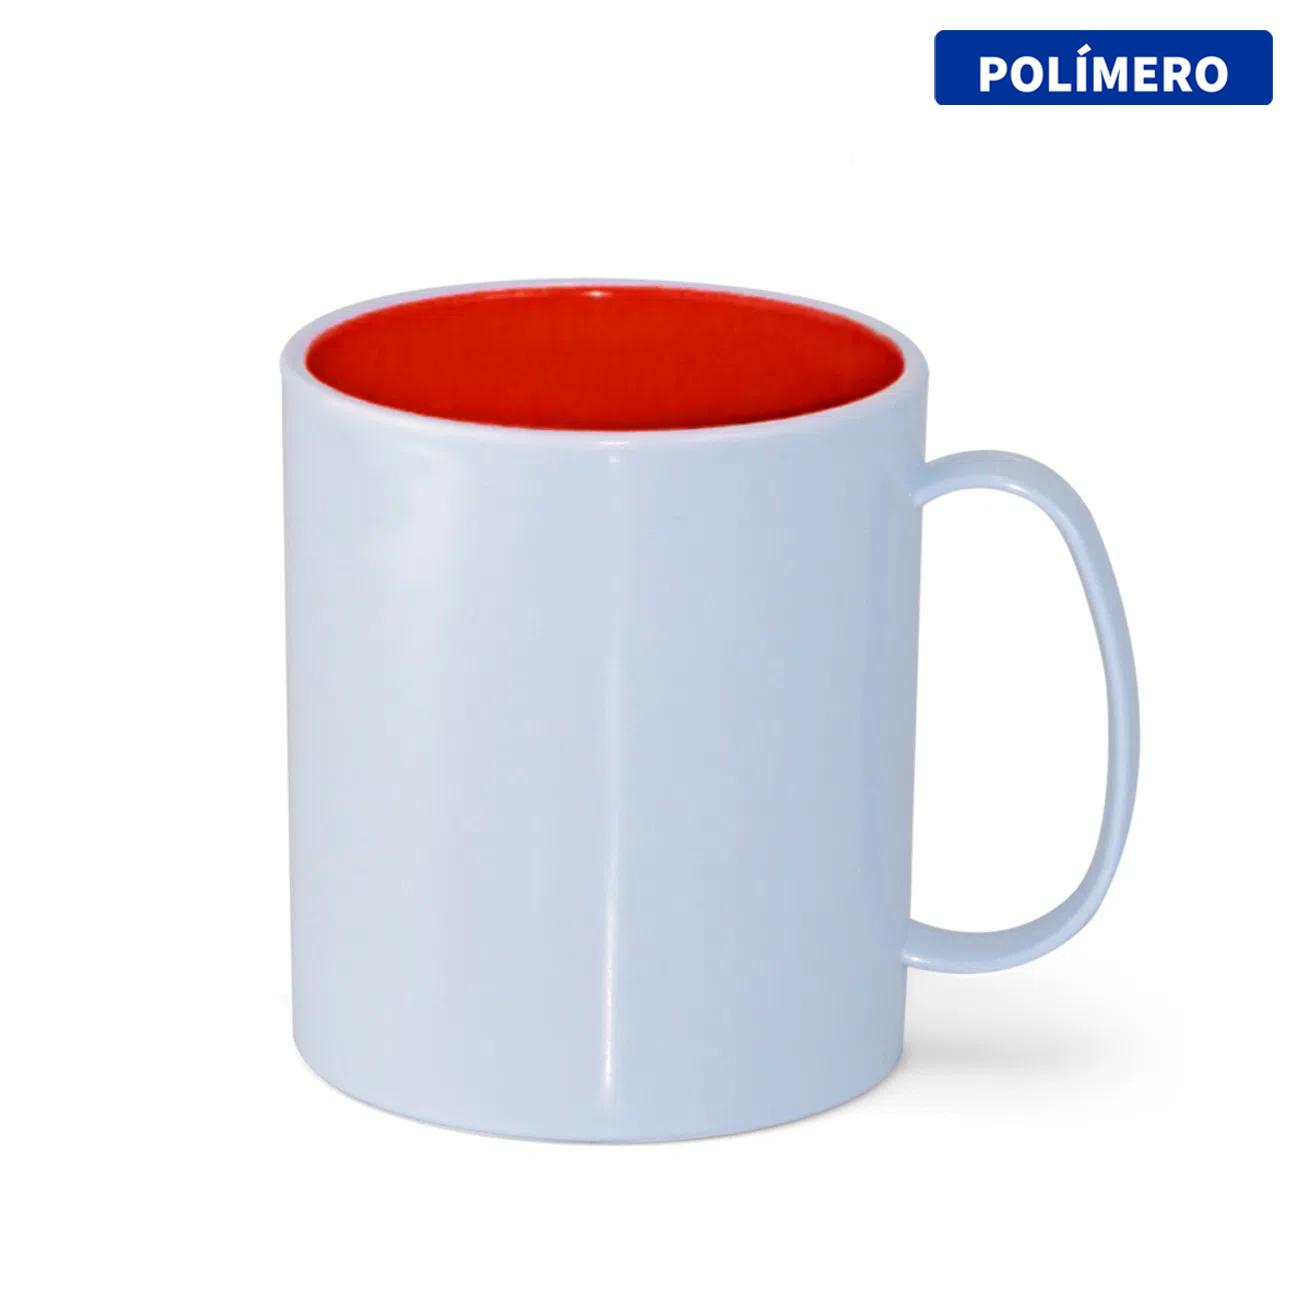 Caneca de Polímero Para Sublimação com Interior Vermelho - 325ml